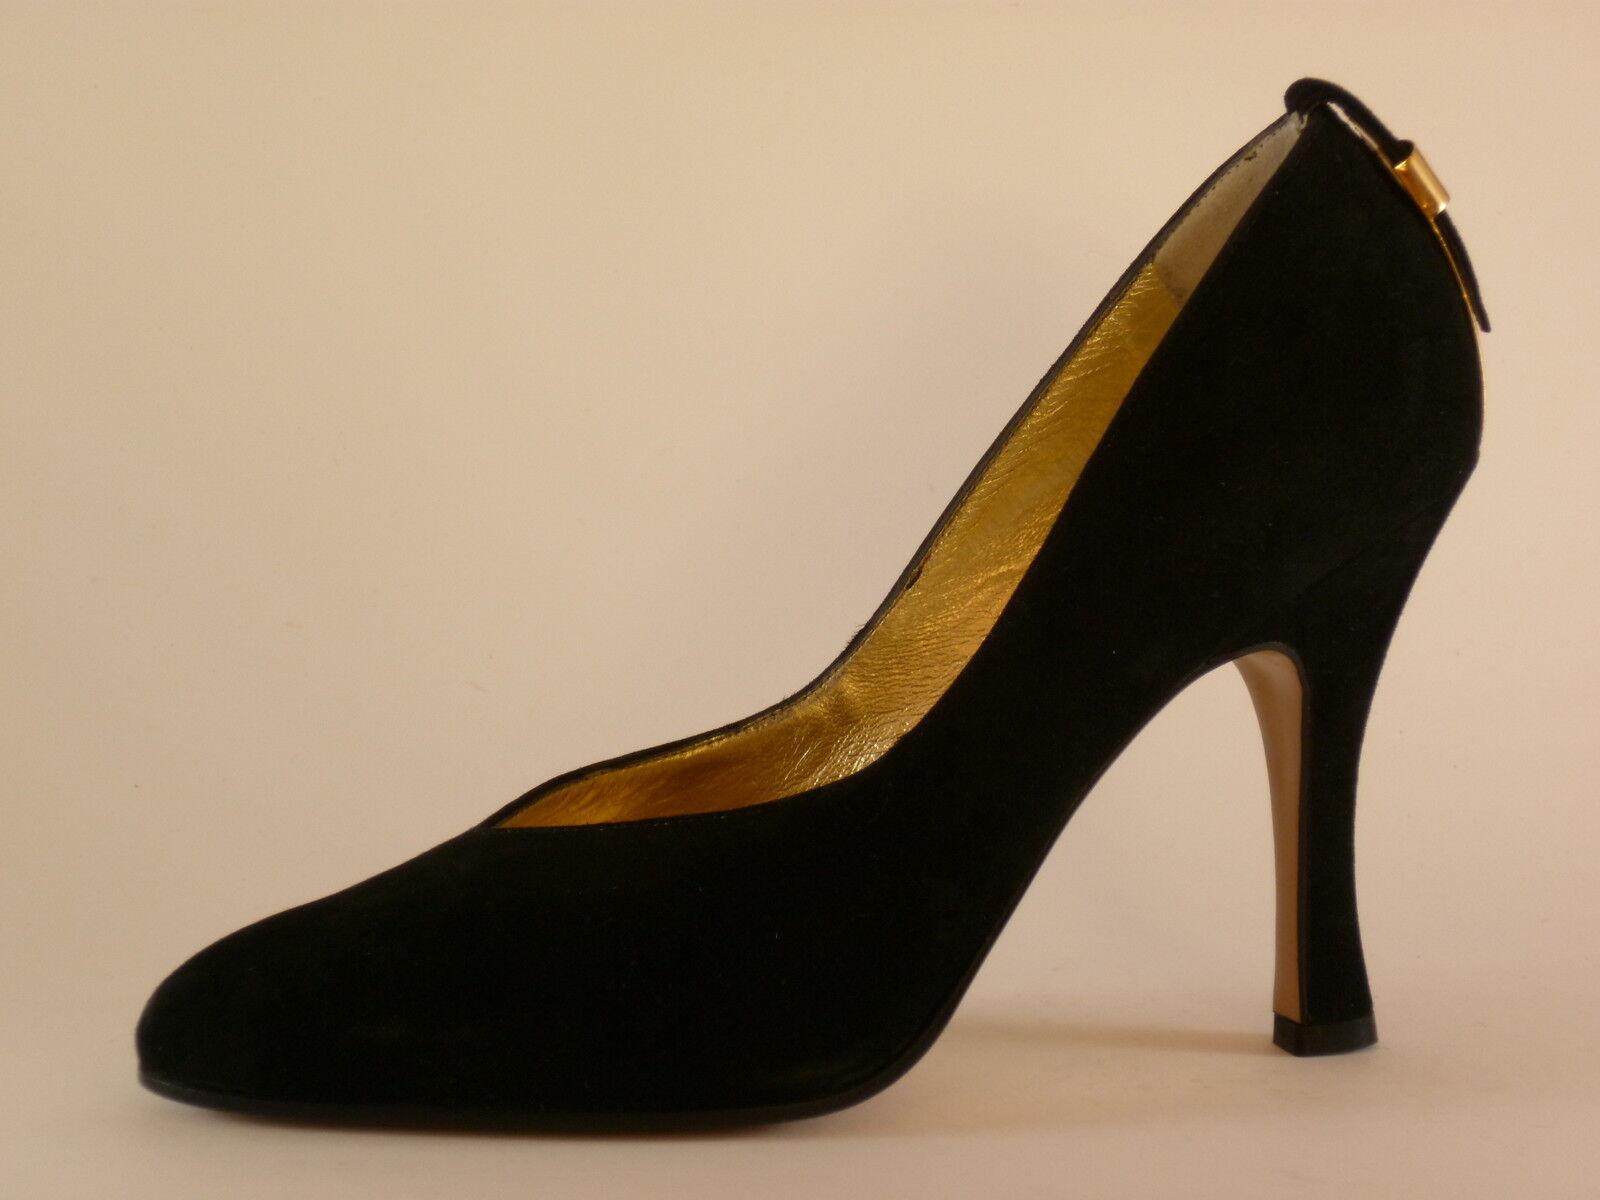 Cusano Ladies shoes 36 40 Velour Black Court shoes New